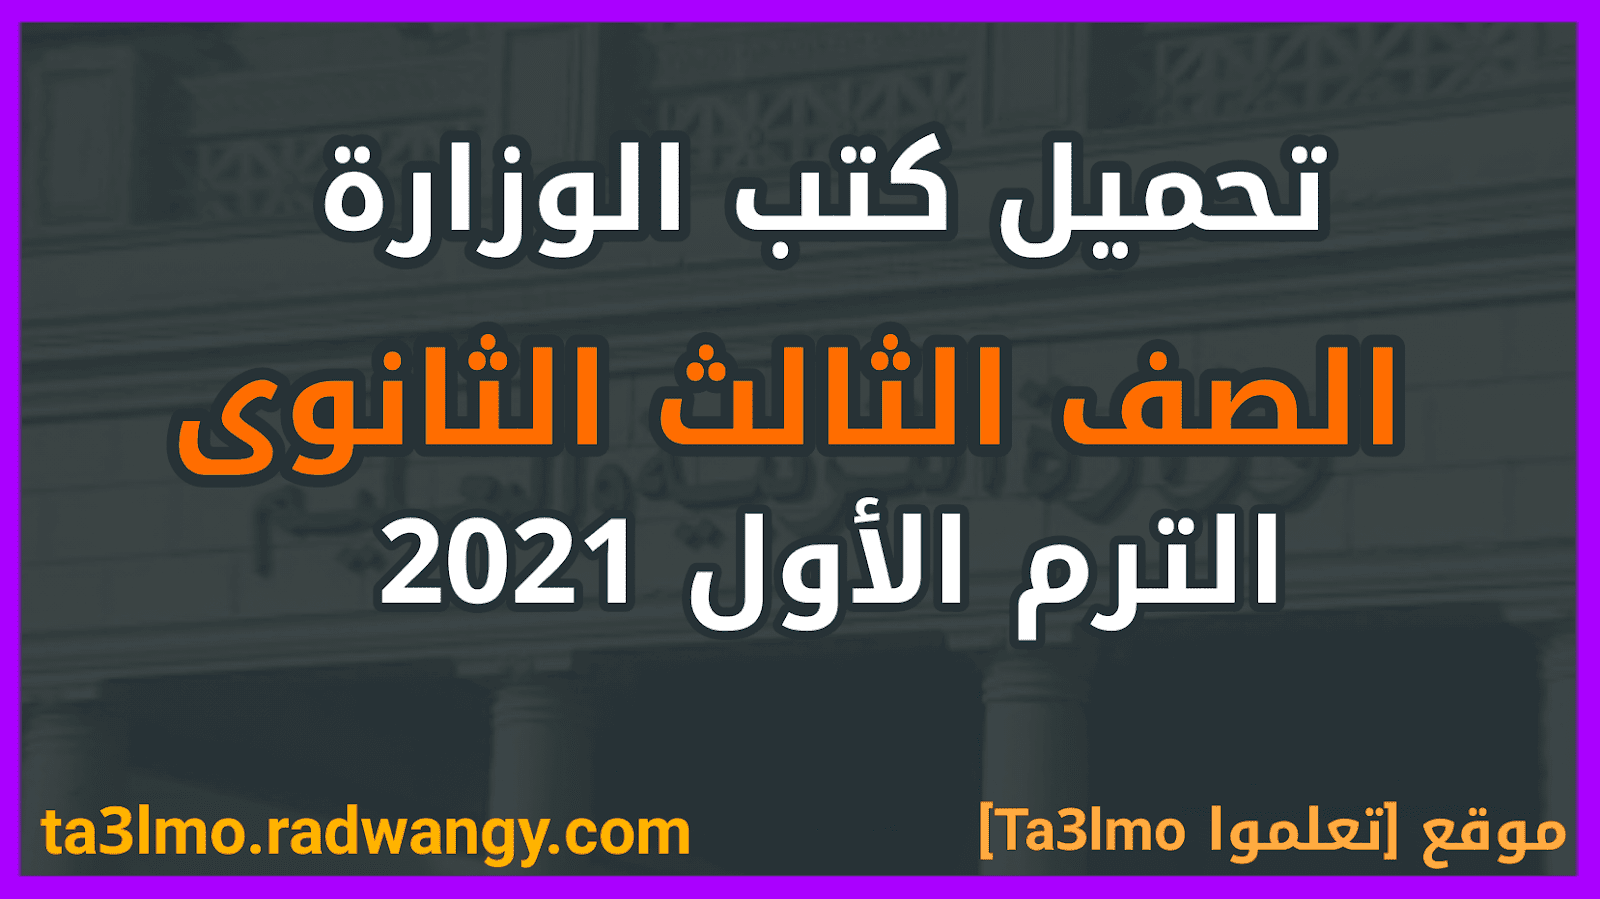 تحميل كتب الوزارة Pdf للصف الثالث الثانوى الترم الأول لعام 2021 النظام الجديد